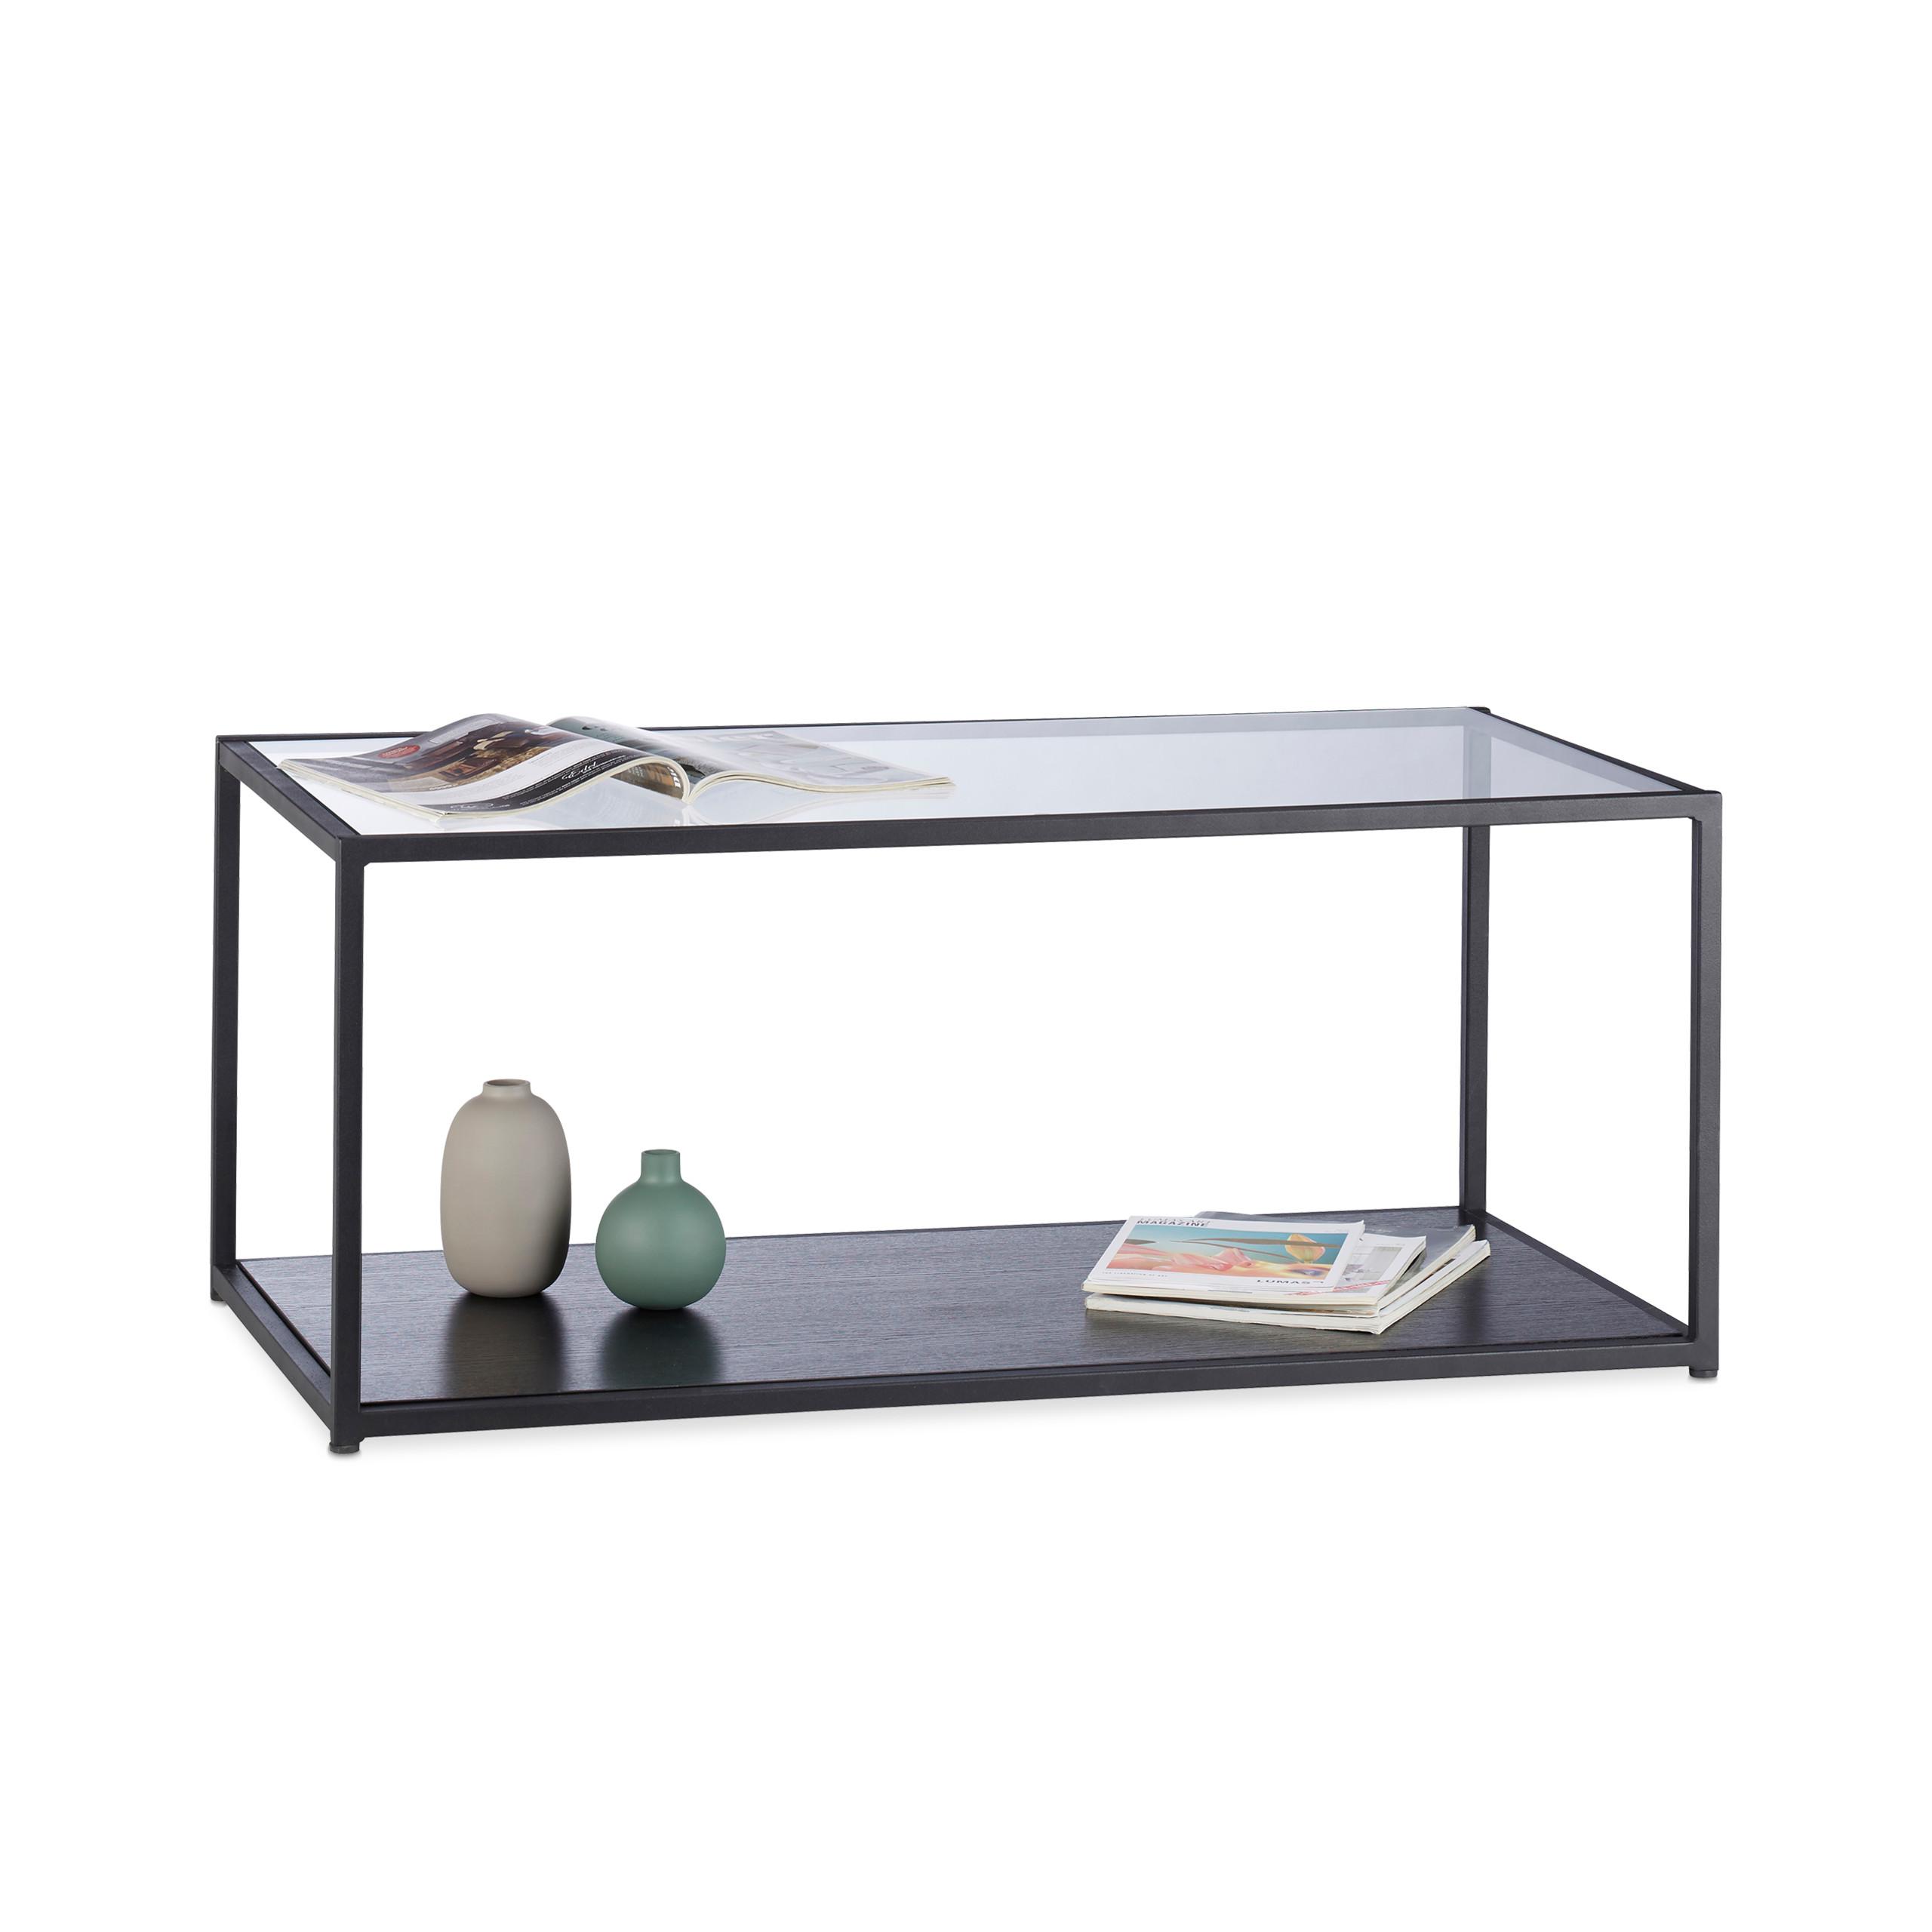 Détails sur Table basse en Verre, Surface noire Cadre en Métal, Table de  Salon, Petite table